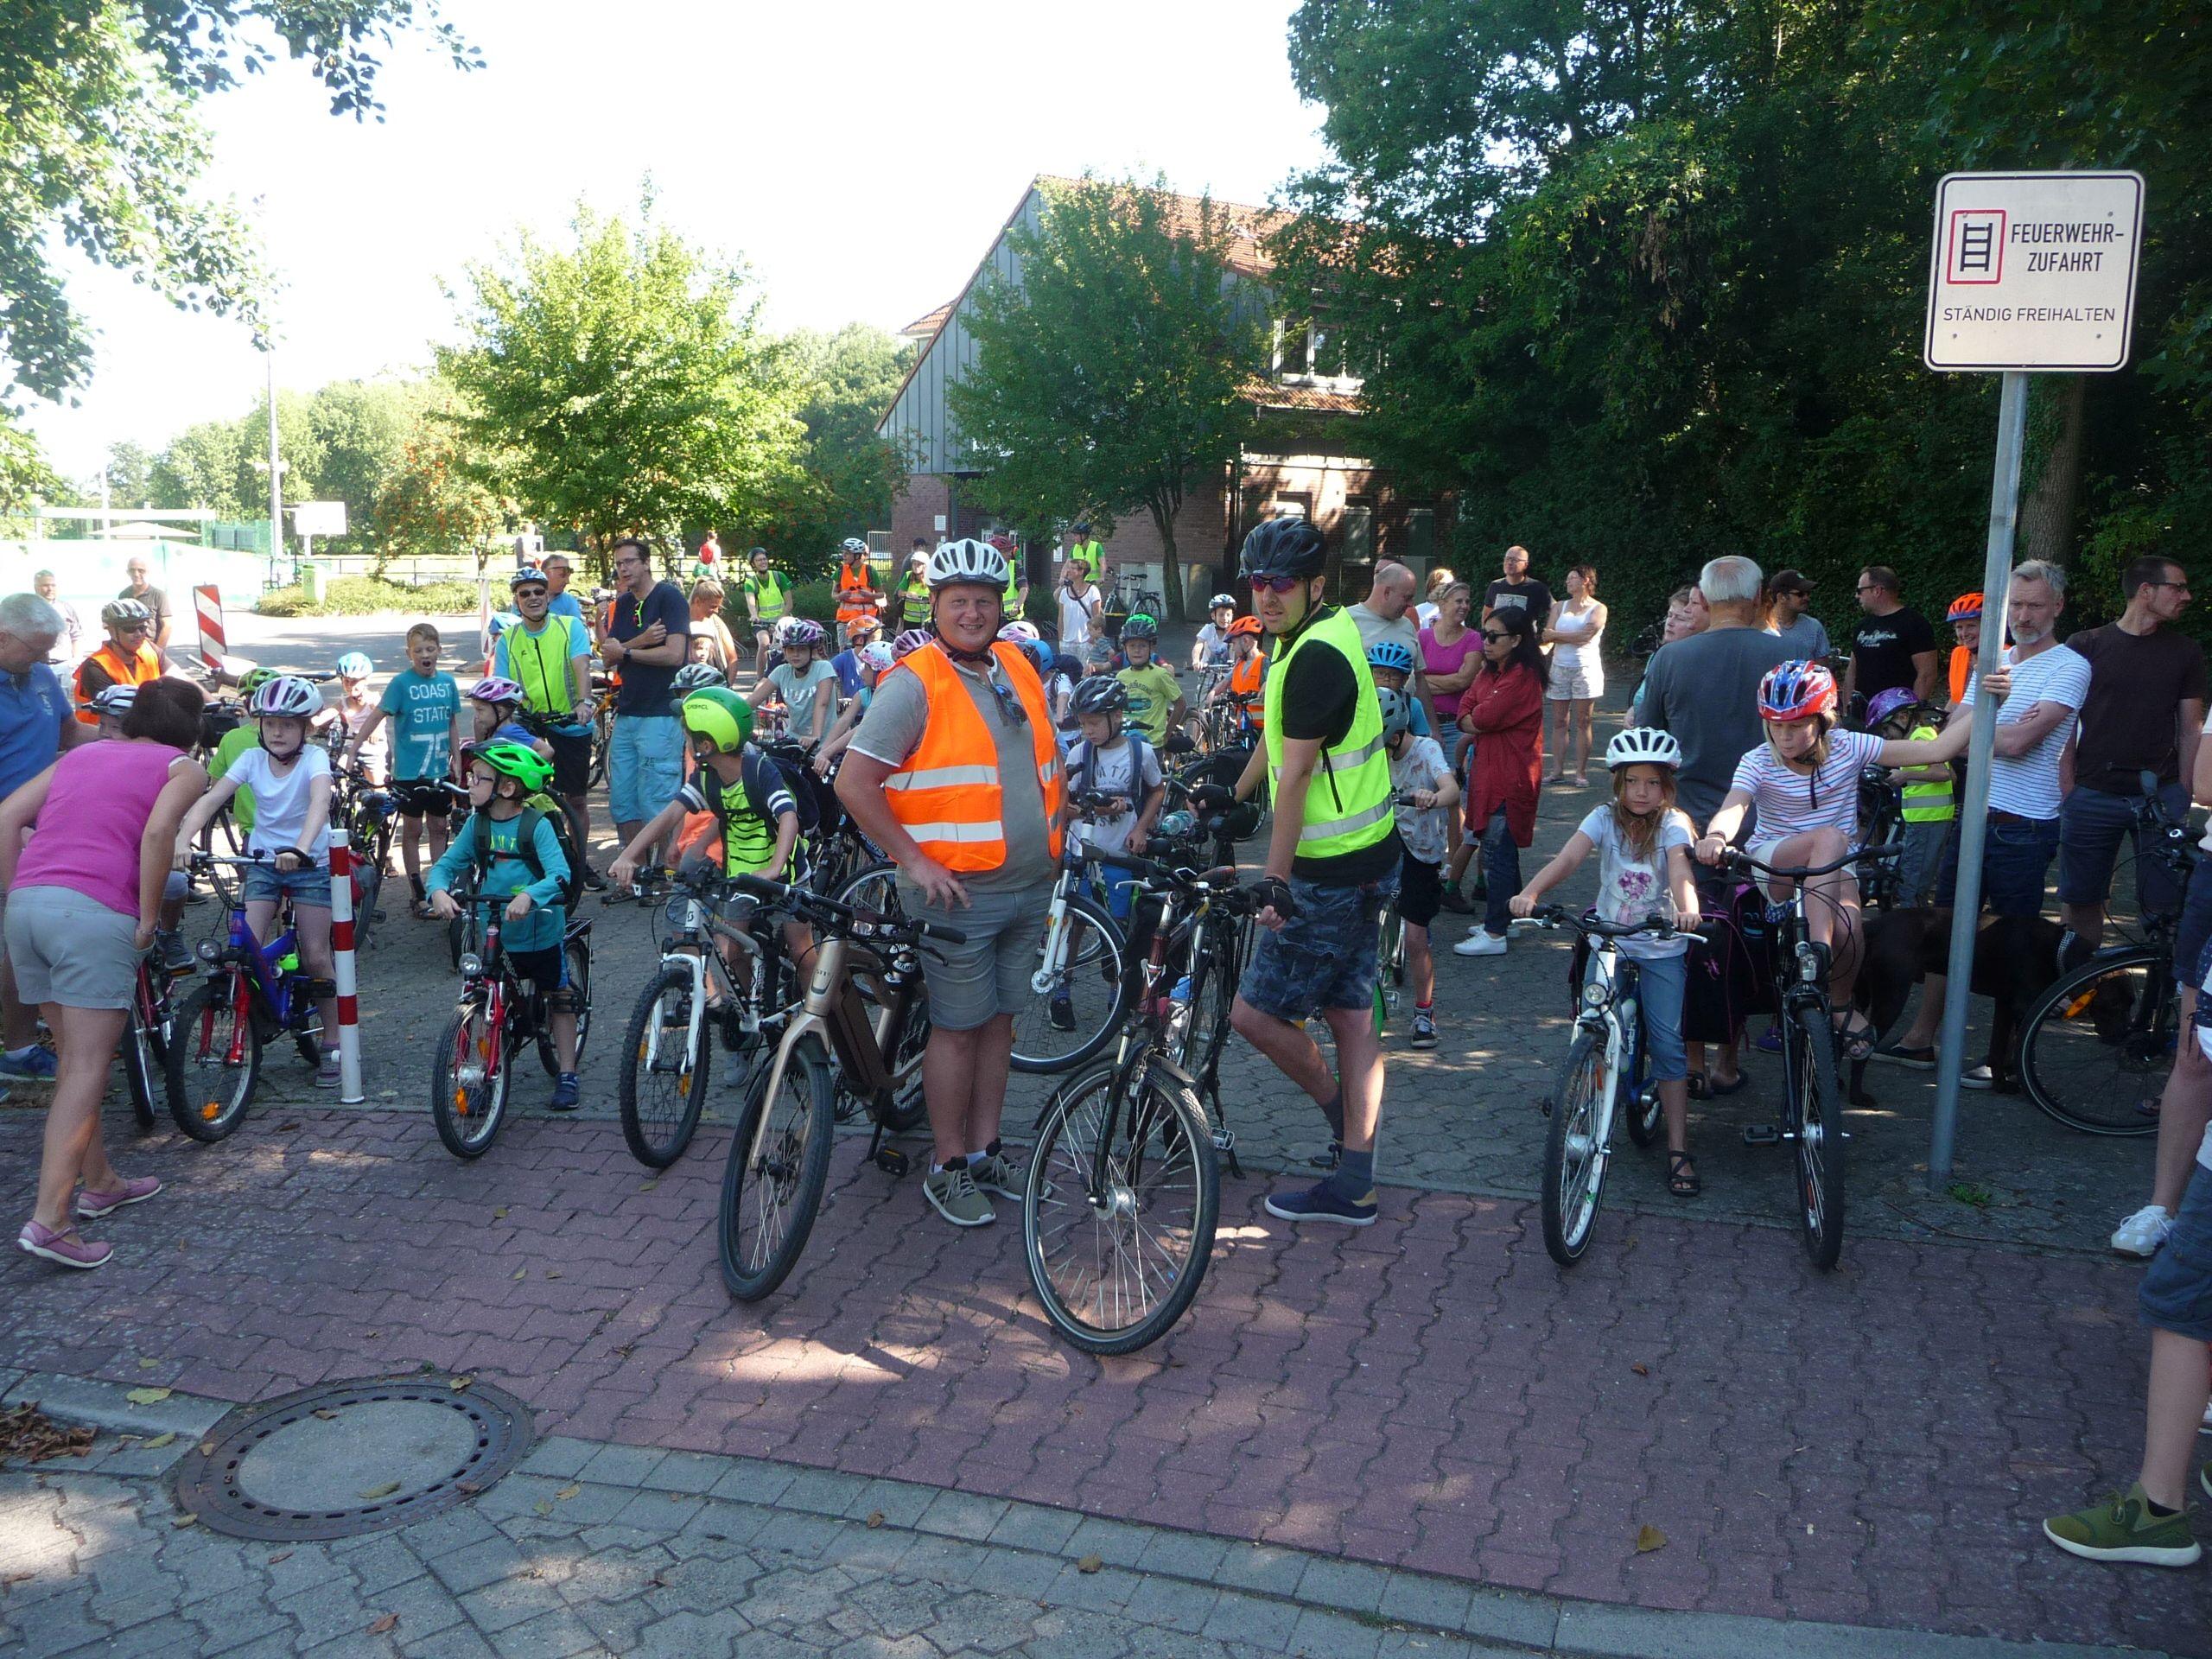 Rückblick auf die Sommerferien - Ferienfreizeit in Sendenhorst!